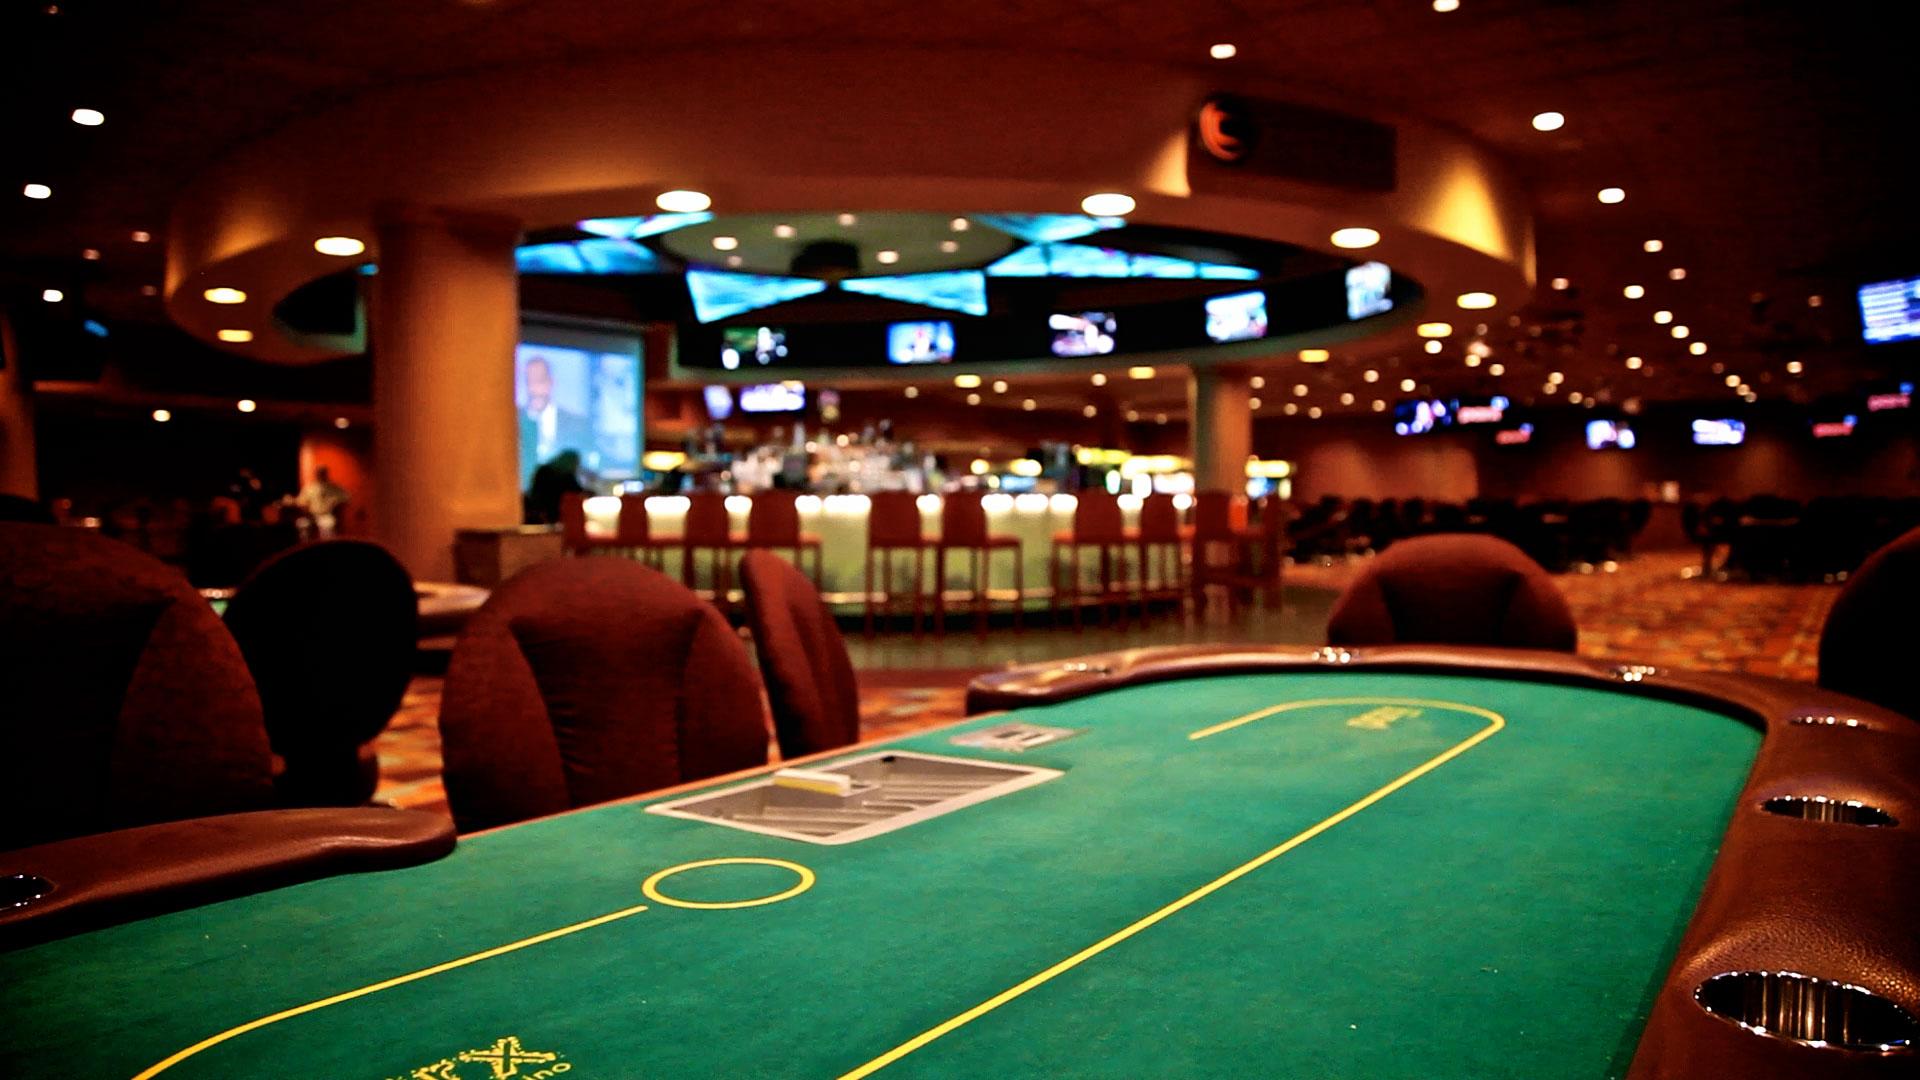 Casino en ligne : comment ne pas se tromper dans son choix